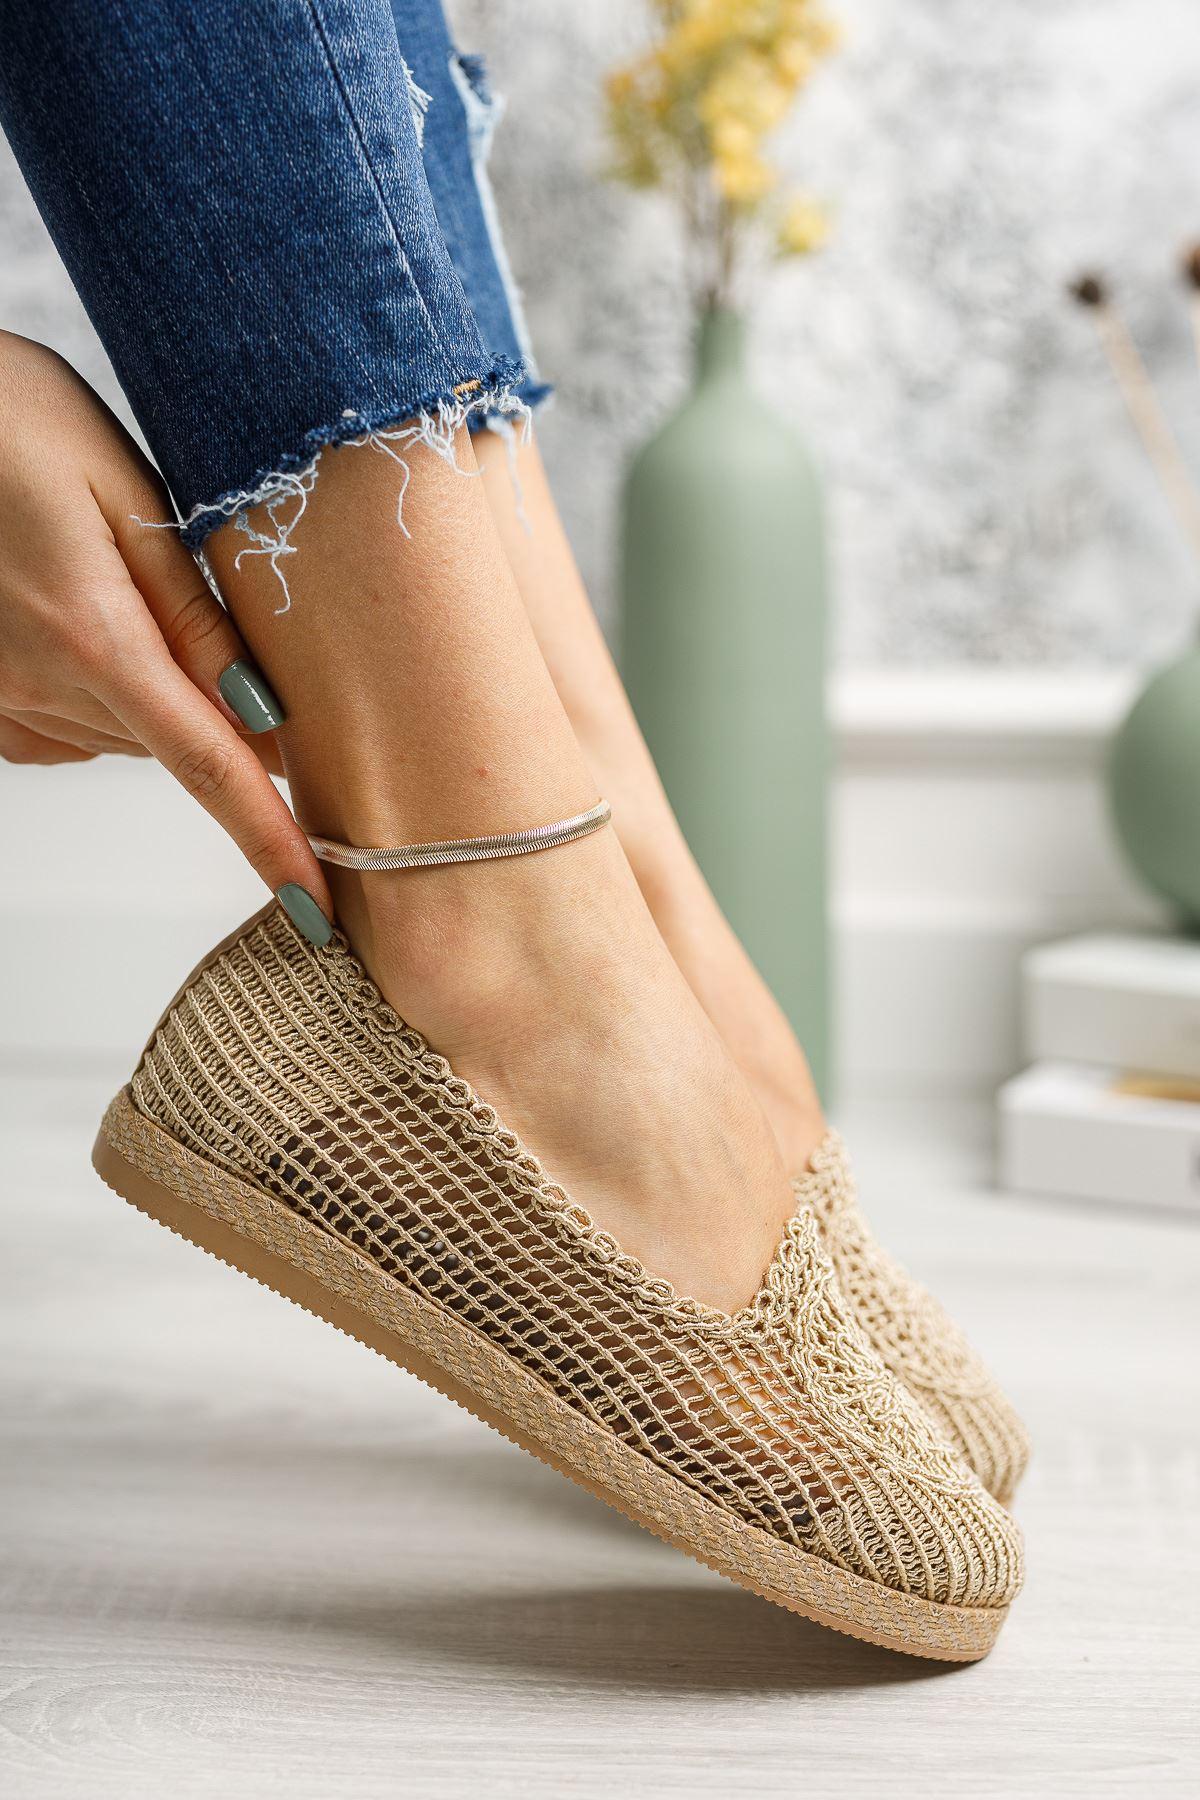 Jut Taban Örgülü Vizon Ayakkabı